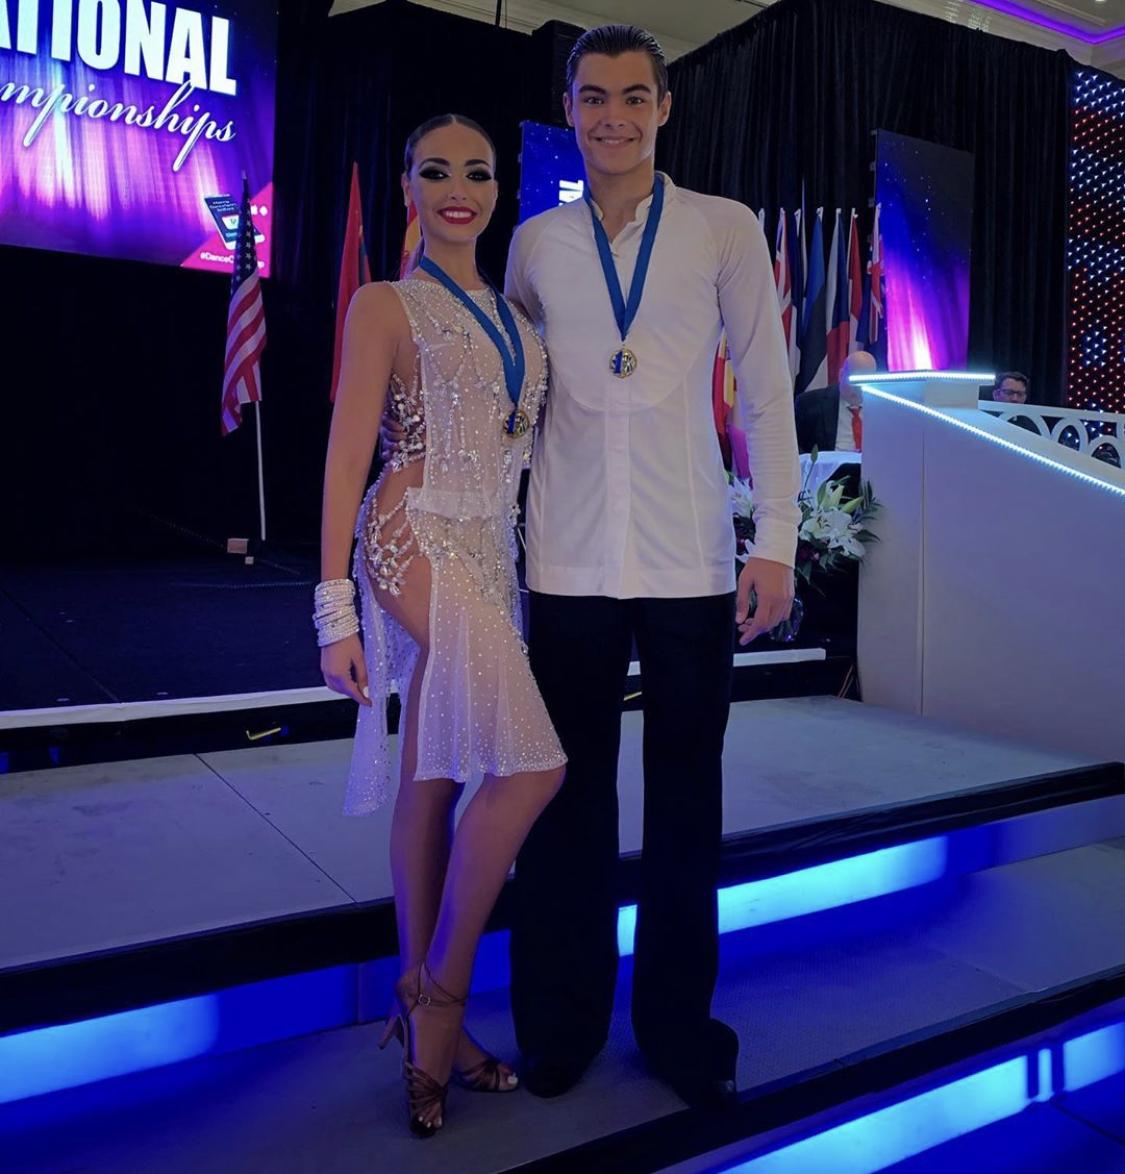 Тоня Худякова стала чемпионкой мира по бальным танцам